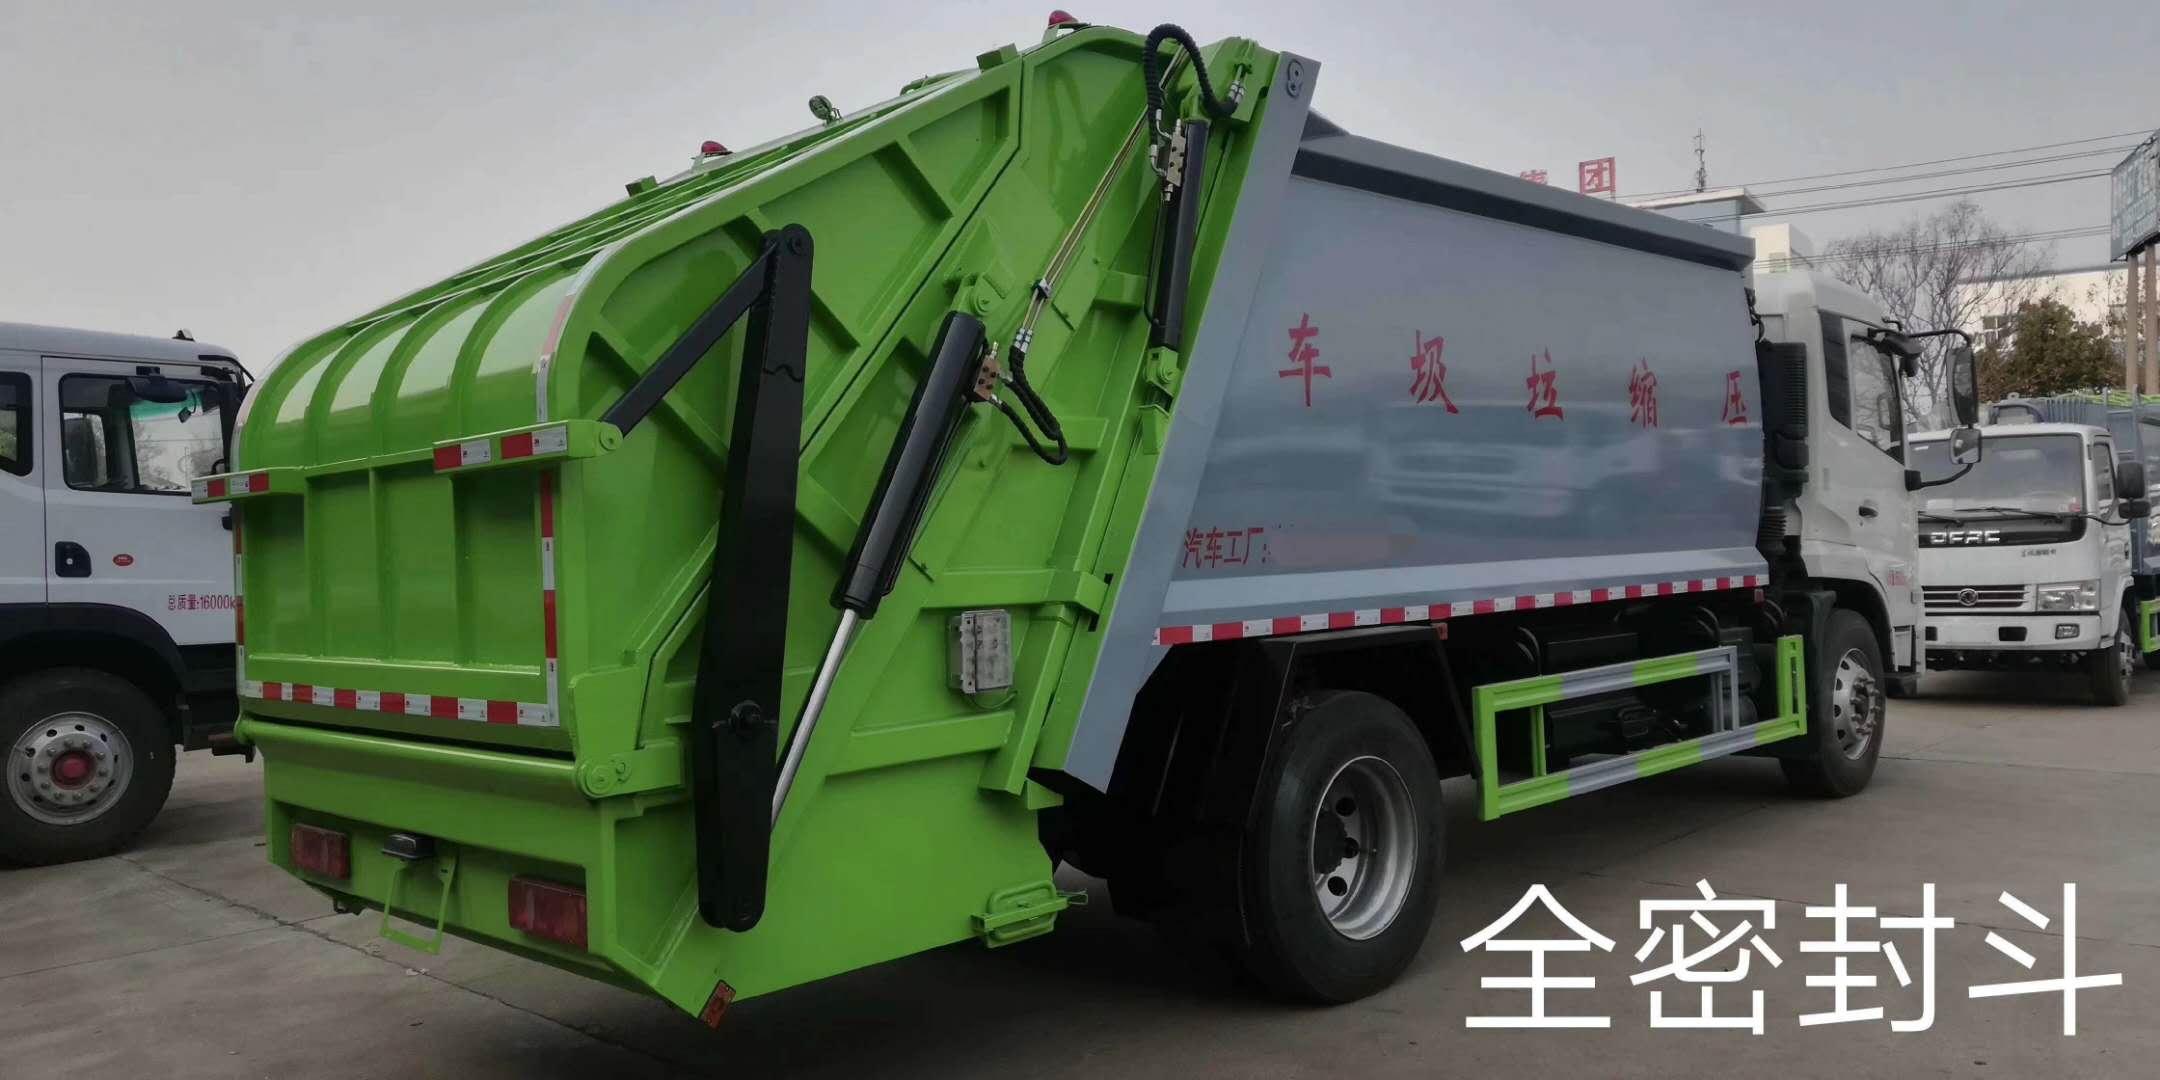 东风8吨后装压缩式垃圾车 全密封斗远程遥控视频